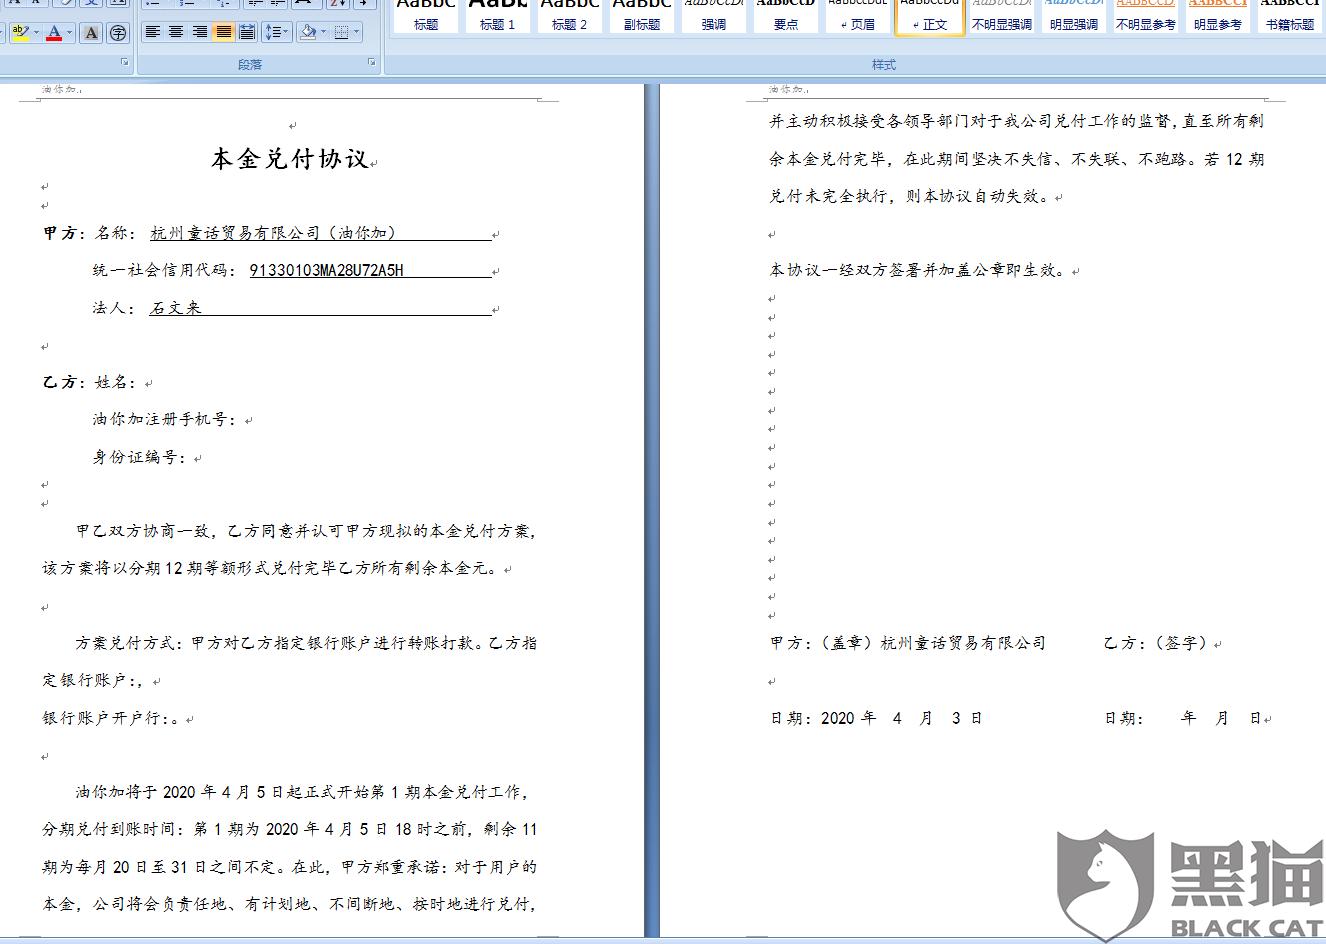 黑猫投诉:杭州童话贸易有限公司油你加APP违约、不退款、欺诈签协议